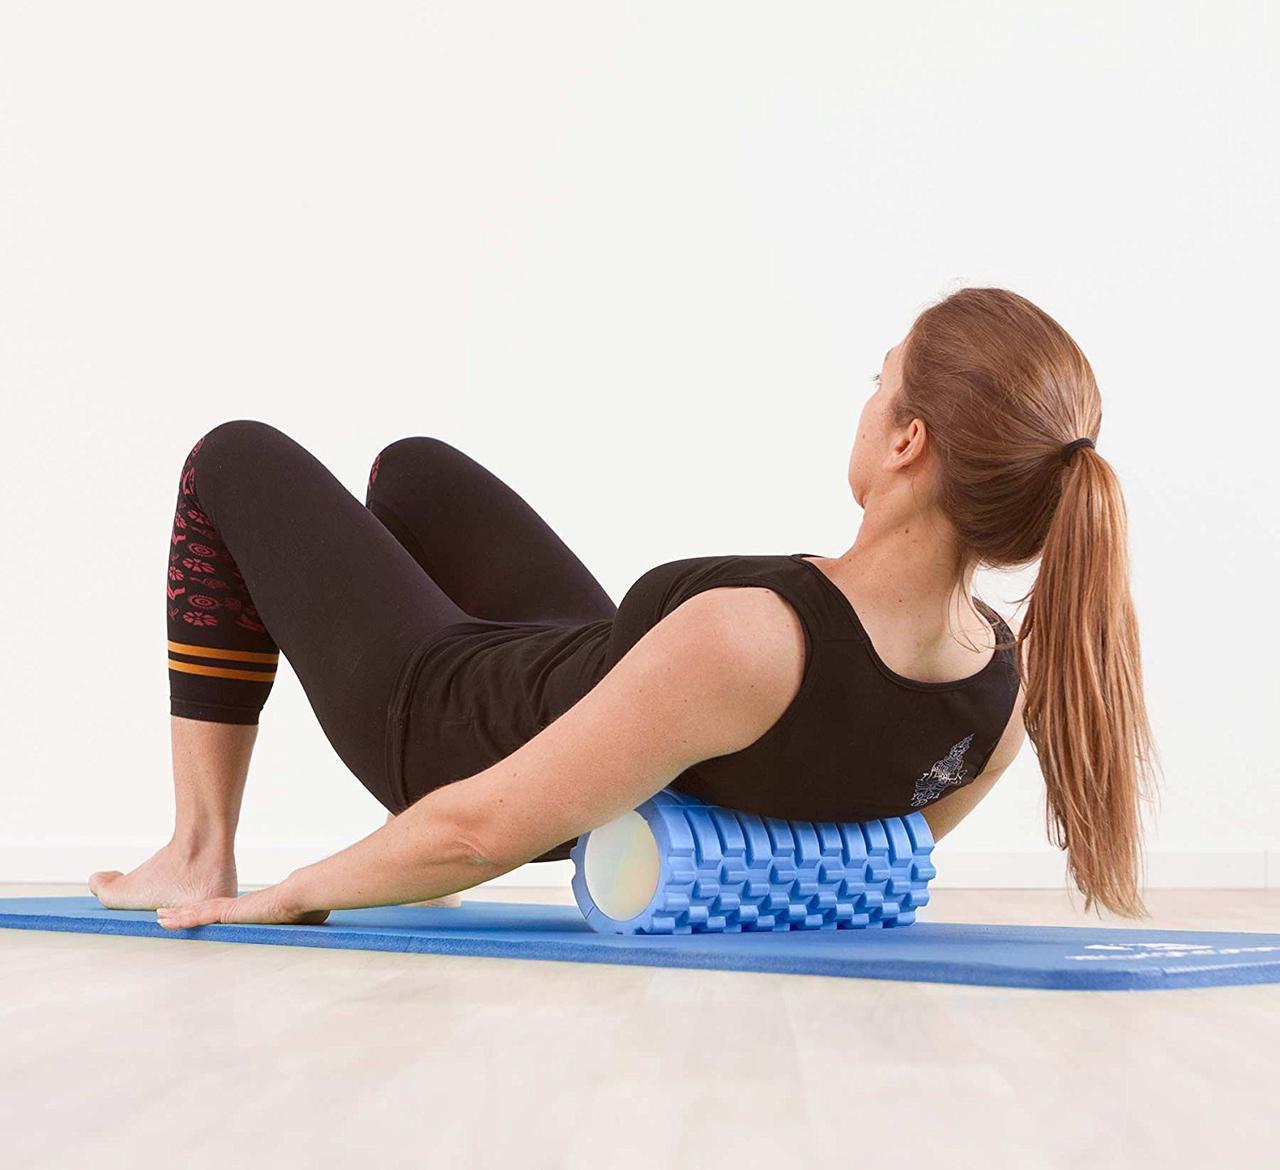 валик для спины для похудения отзывы